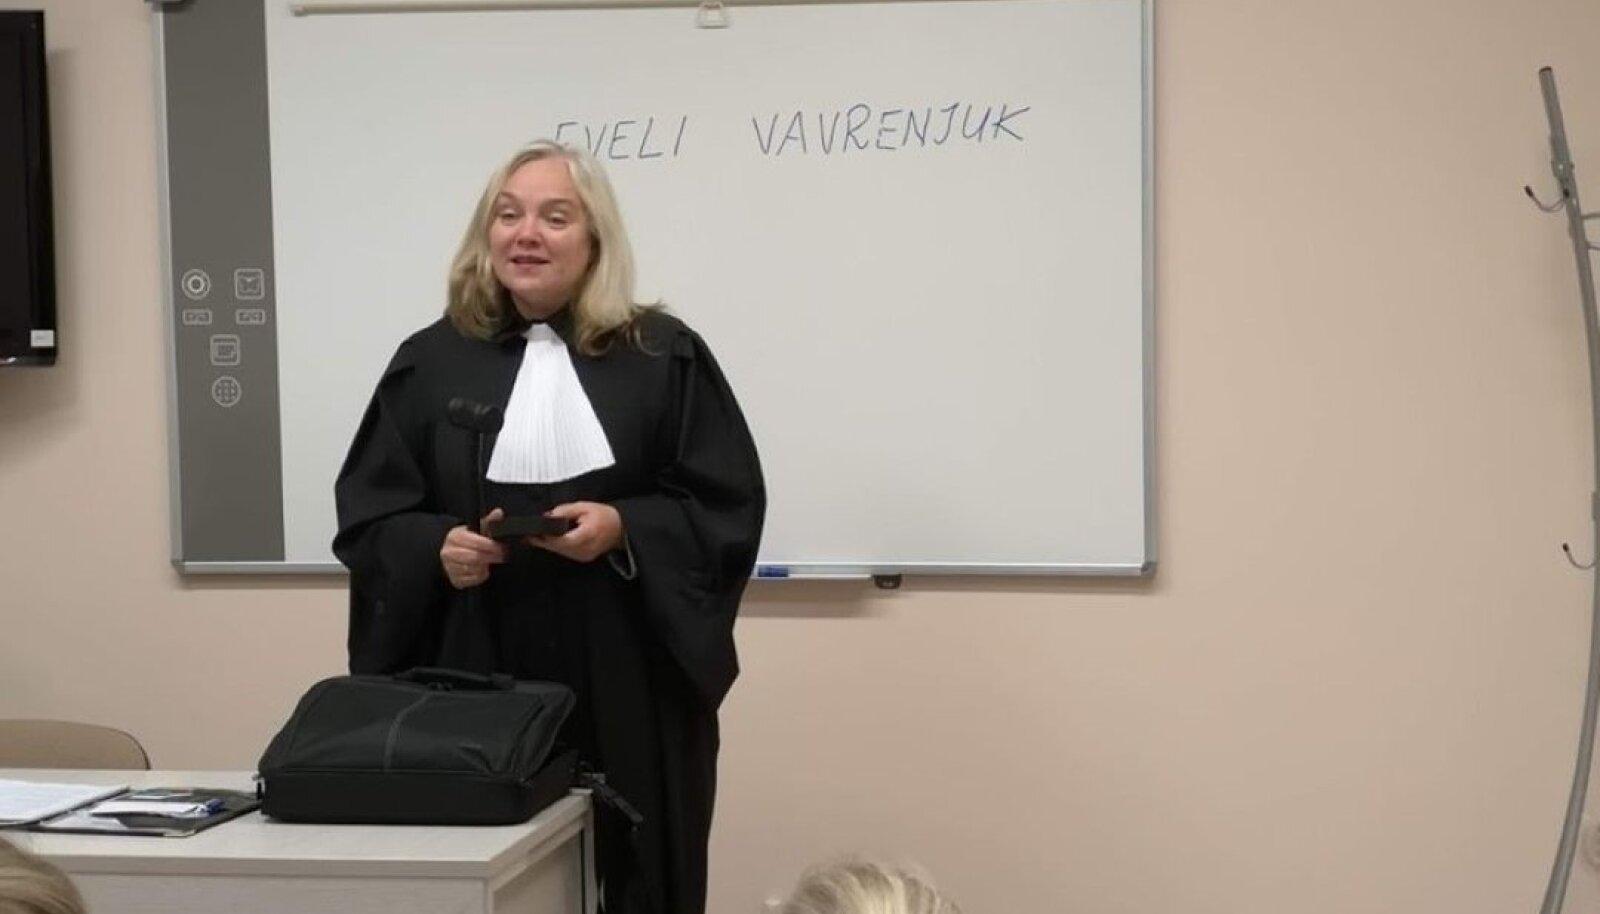 PEETI KINNI: Kaitsepolitsei pidas Vavrenjuki kinni 2019. aastal, teda kahtlustatakse korduvas altkäemaksu võtmises.